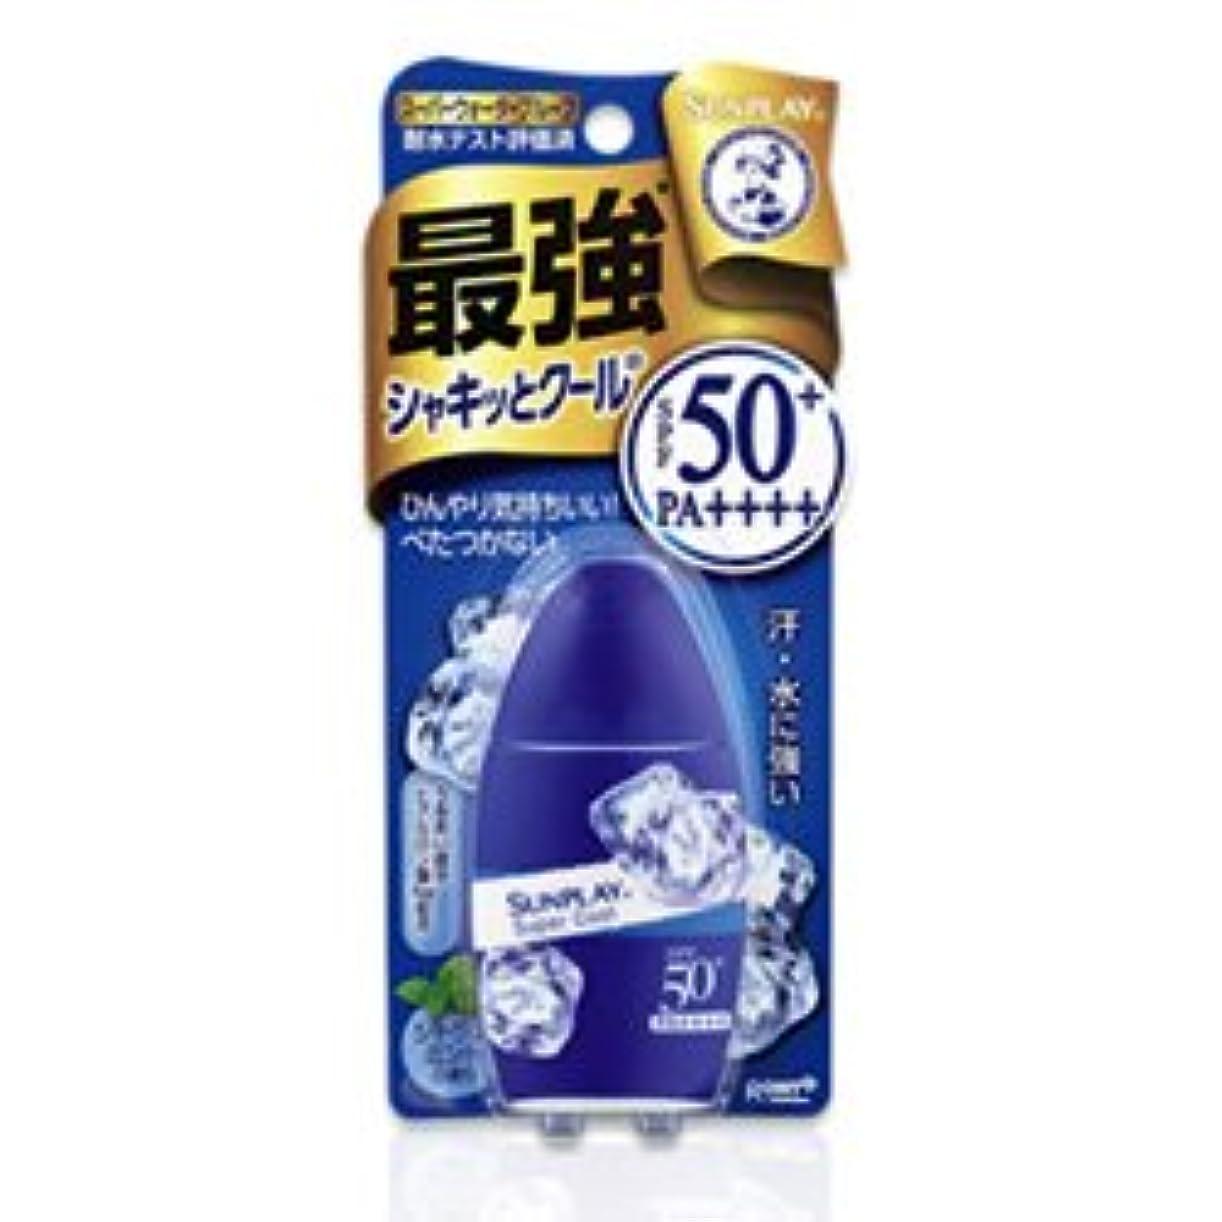 湿気の多い回復する適応的【ロート製薬】メンソレータム サンプレイ スーパークール 30g ×3個セット